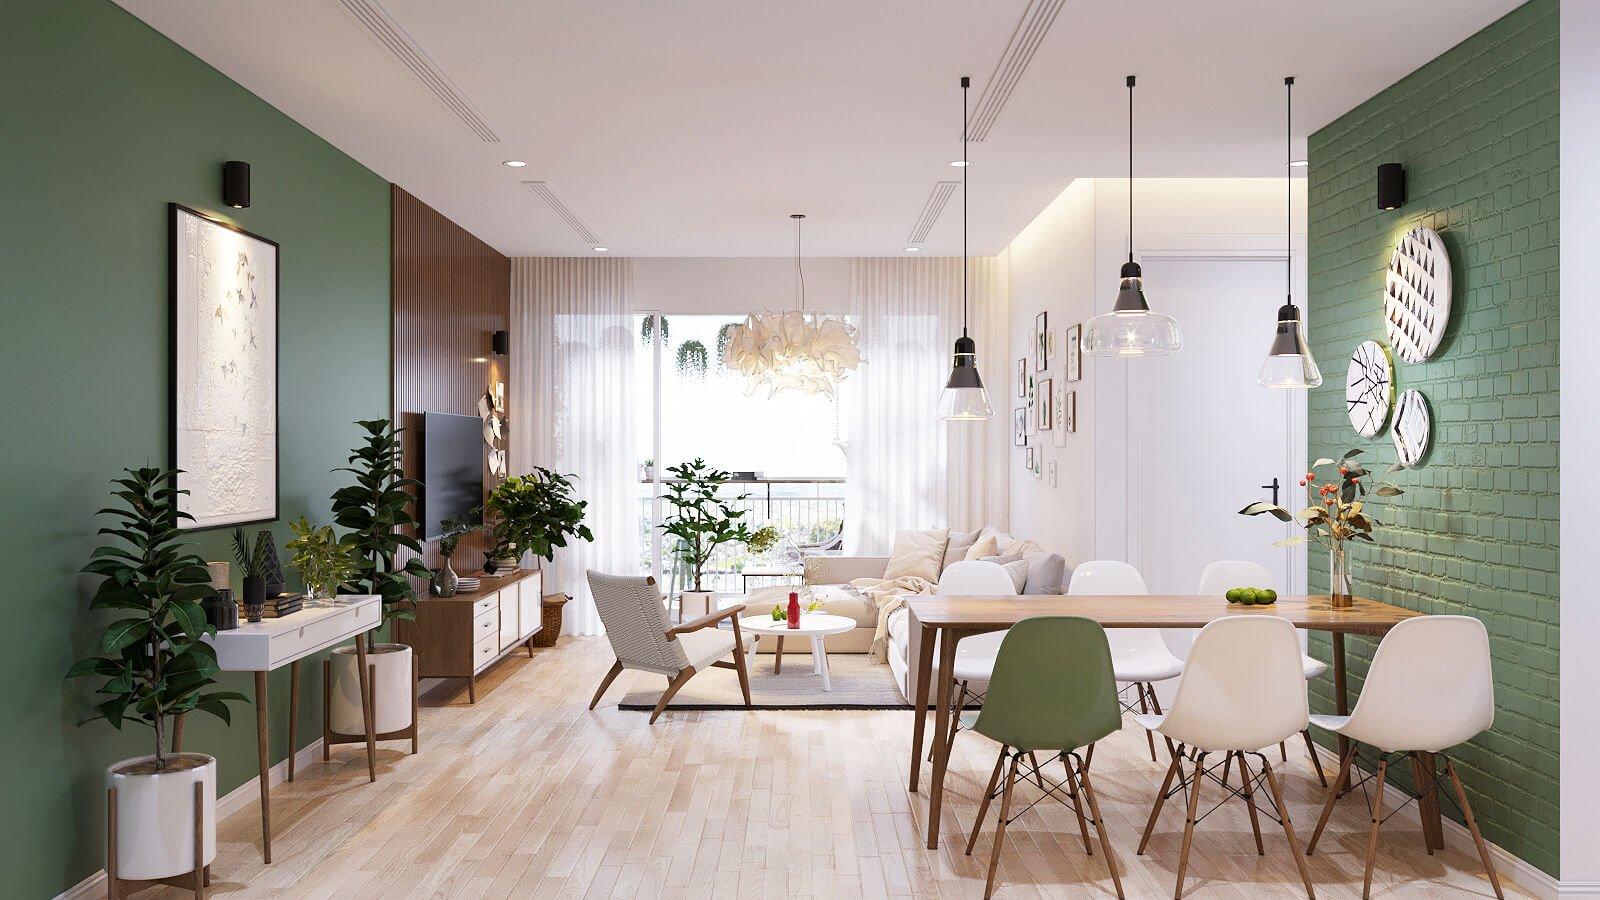 thiết kế nội thất căn hộ chung cư 70m2 1